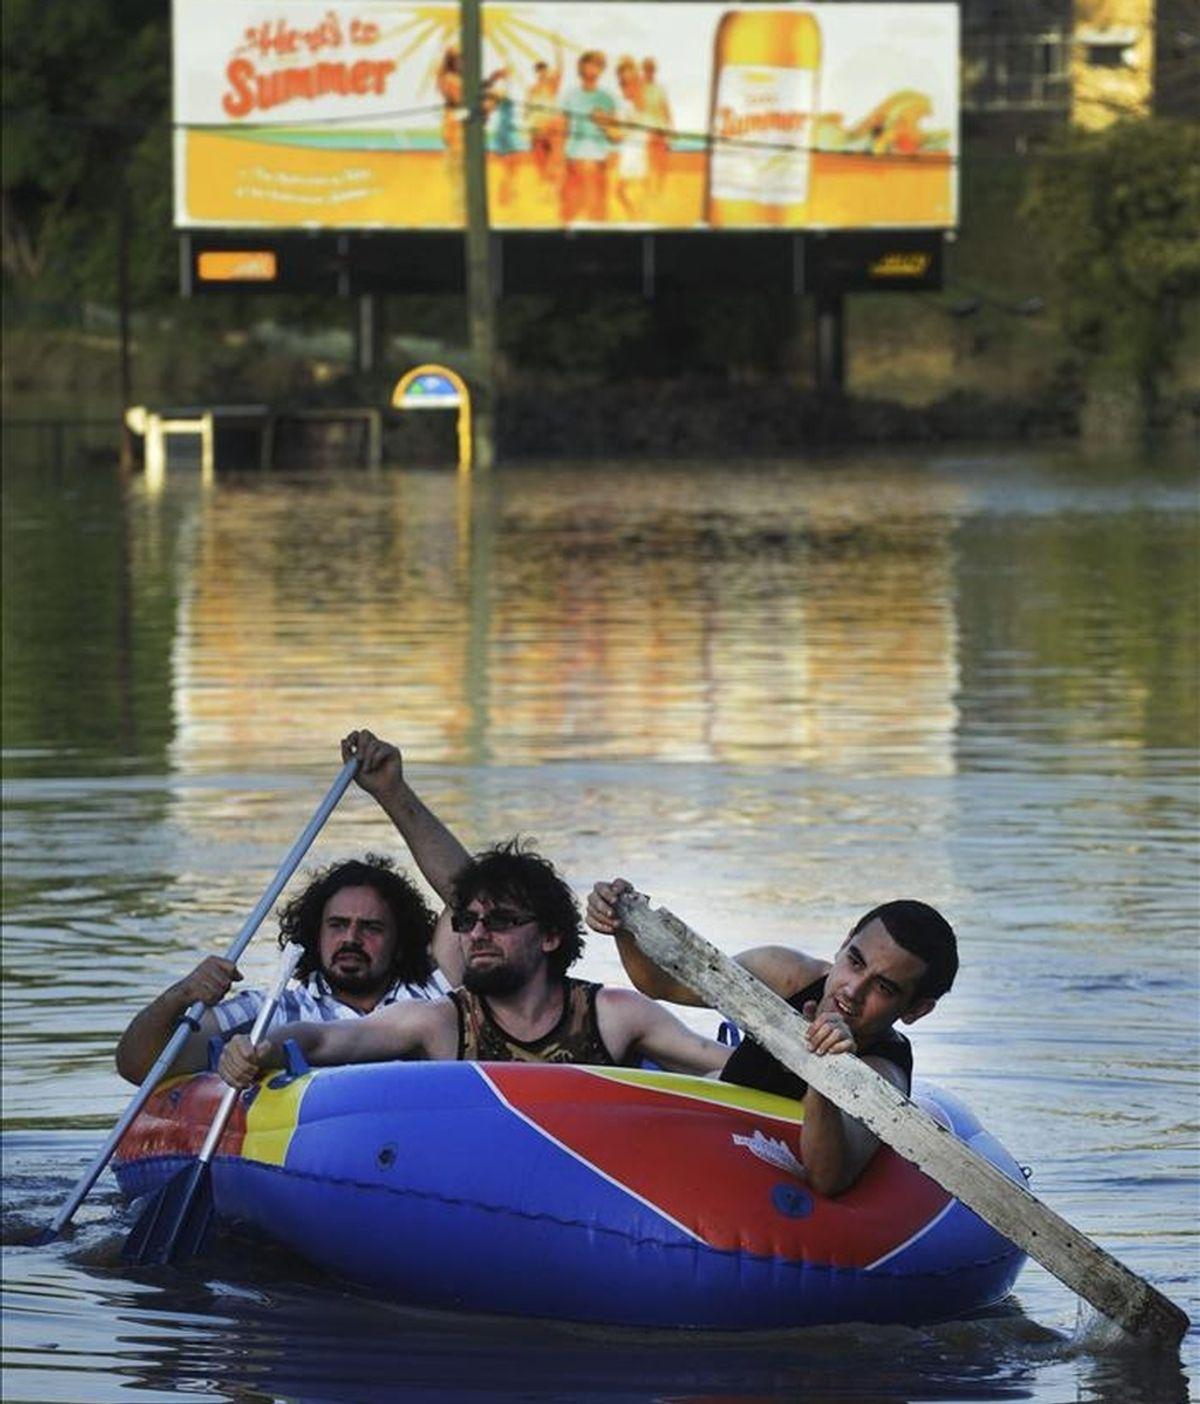 Varios chicos se desplazan en una barca hinchable en el barrio de Rosalie, en Brisbane (Australia). EFE